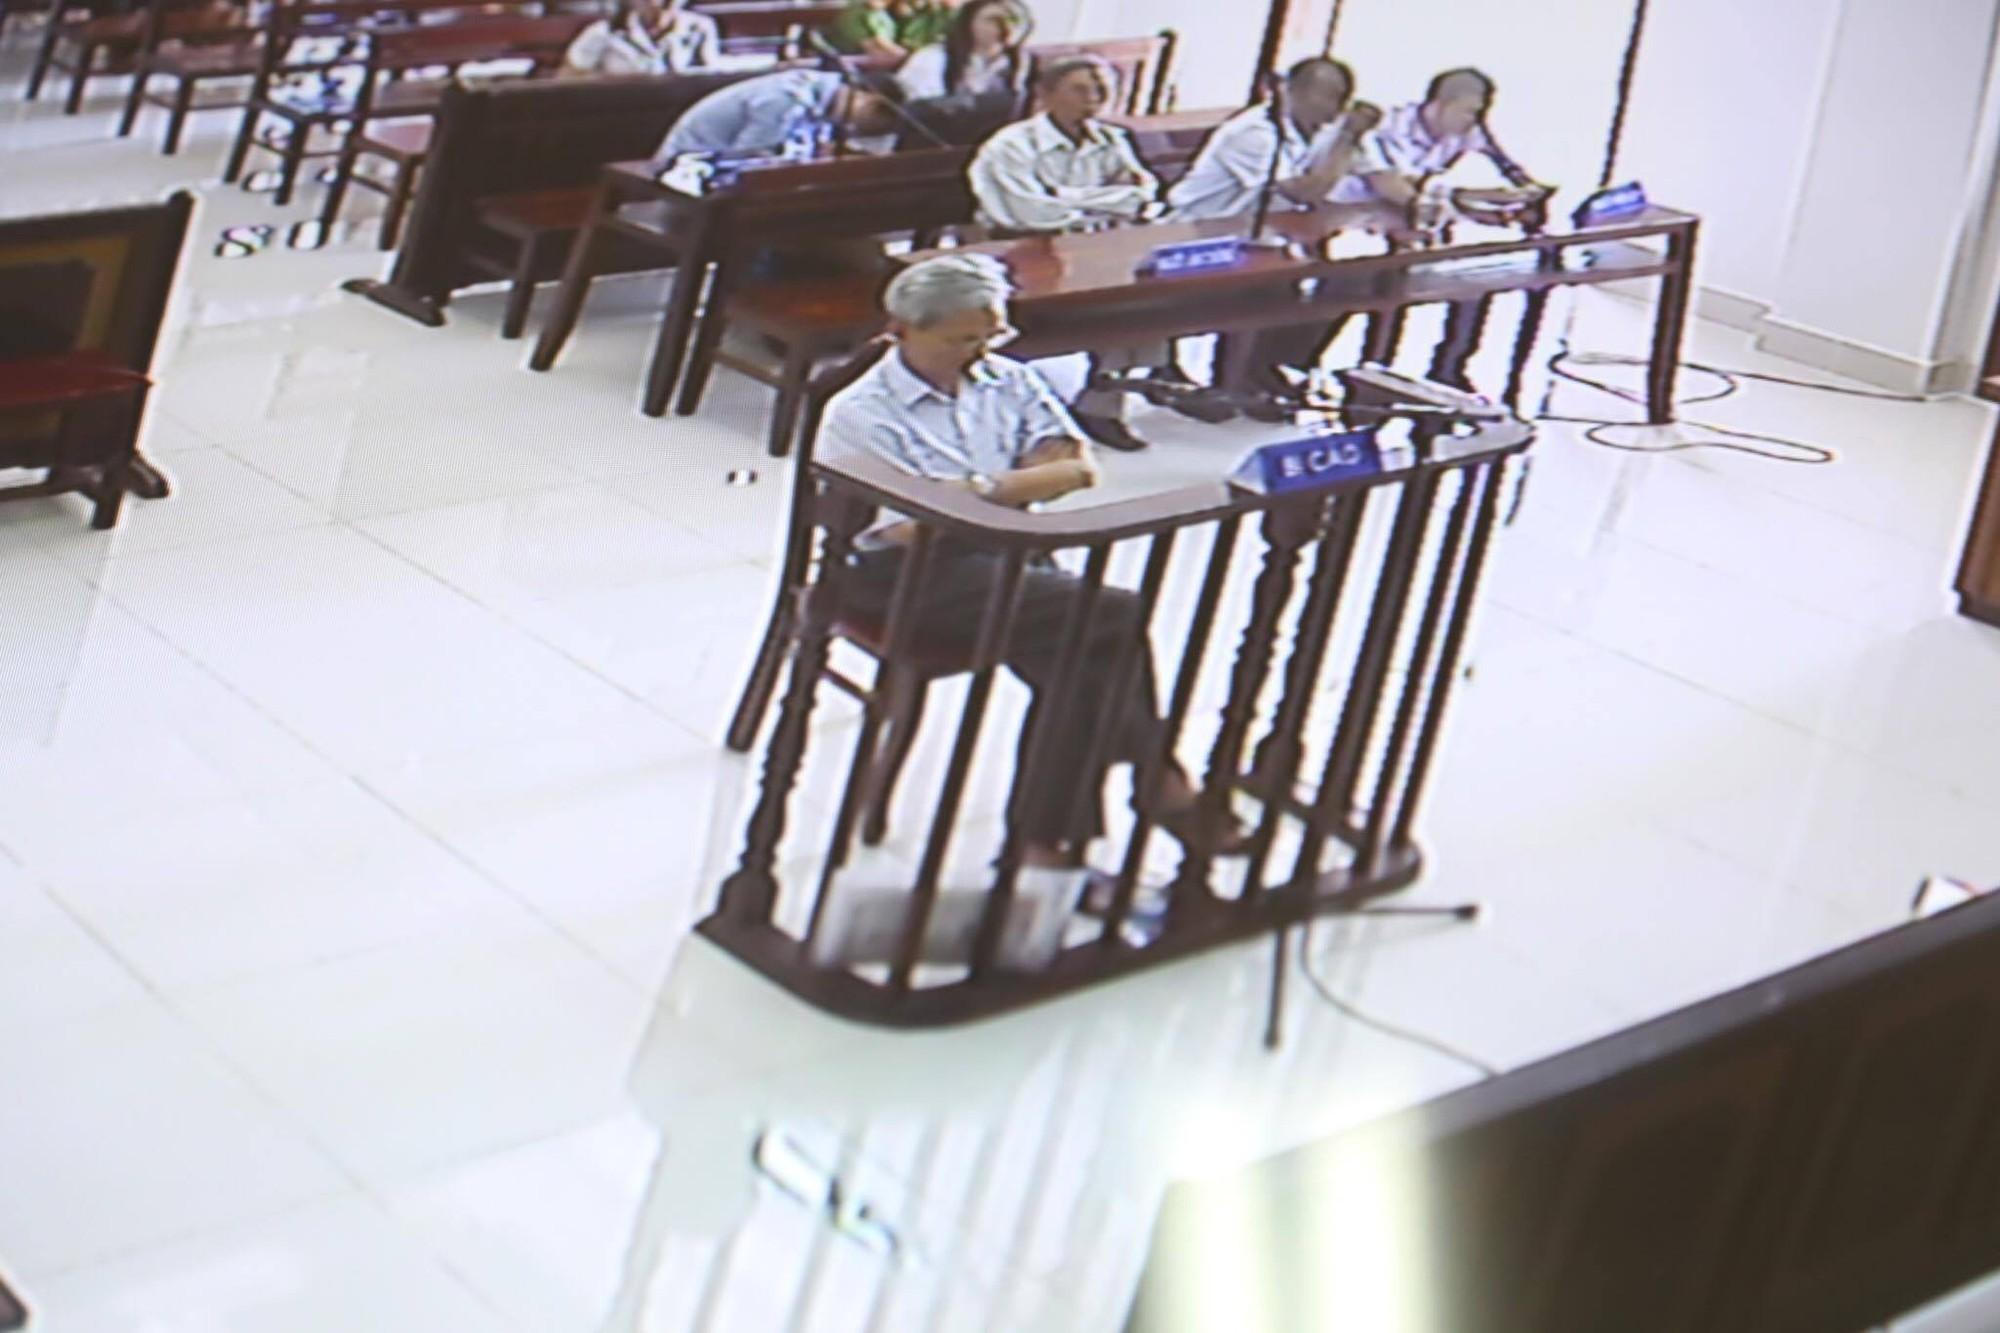 Tòa tuyên án 3 năm tù về tội Dâm ô đối với trẻ em, bị cáo 77 tuổi hét lớn: Tôi phản đối! - Ảnh 9.